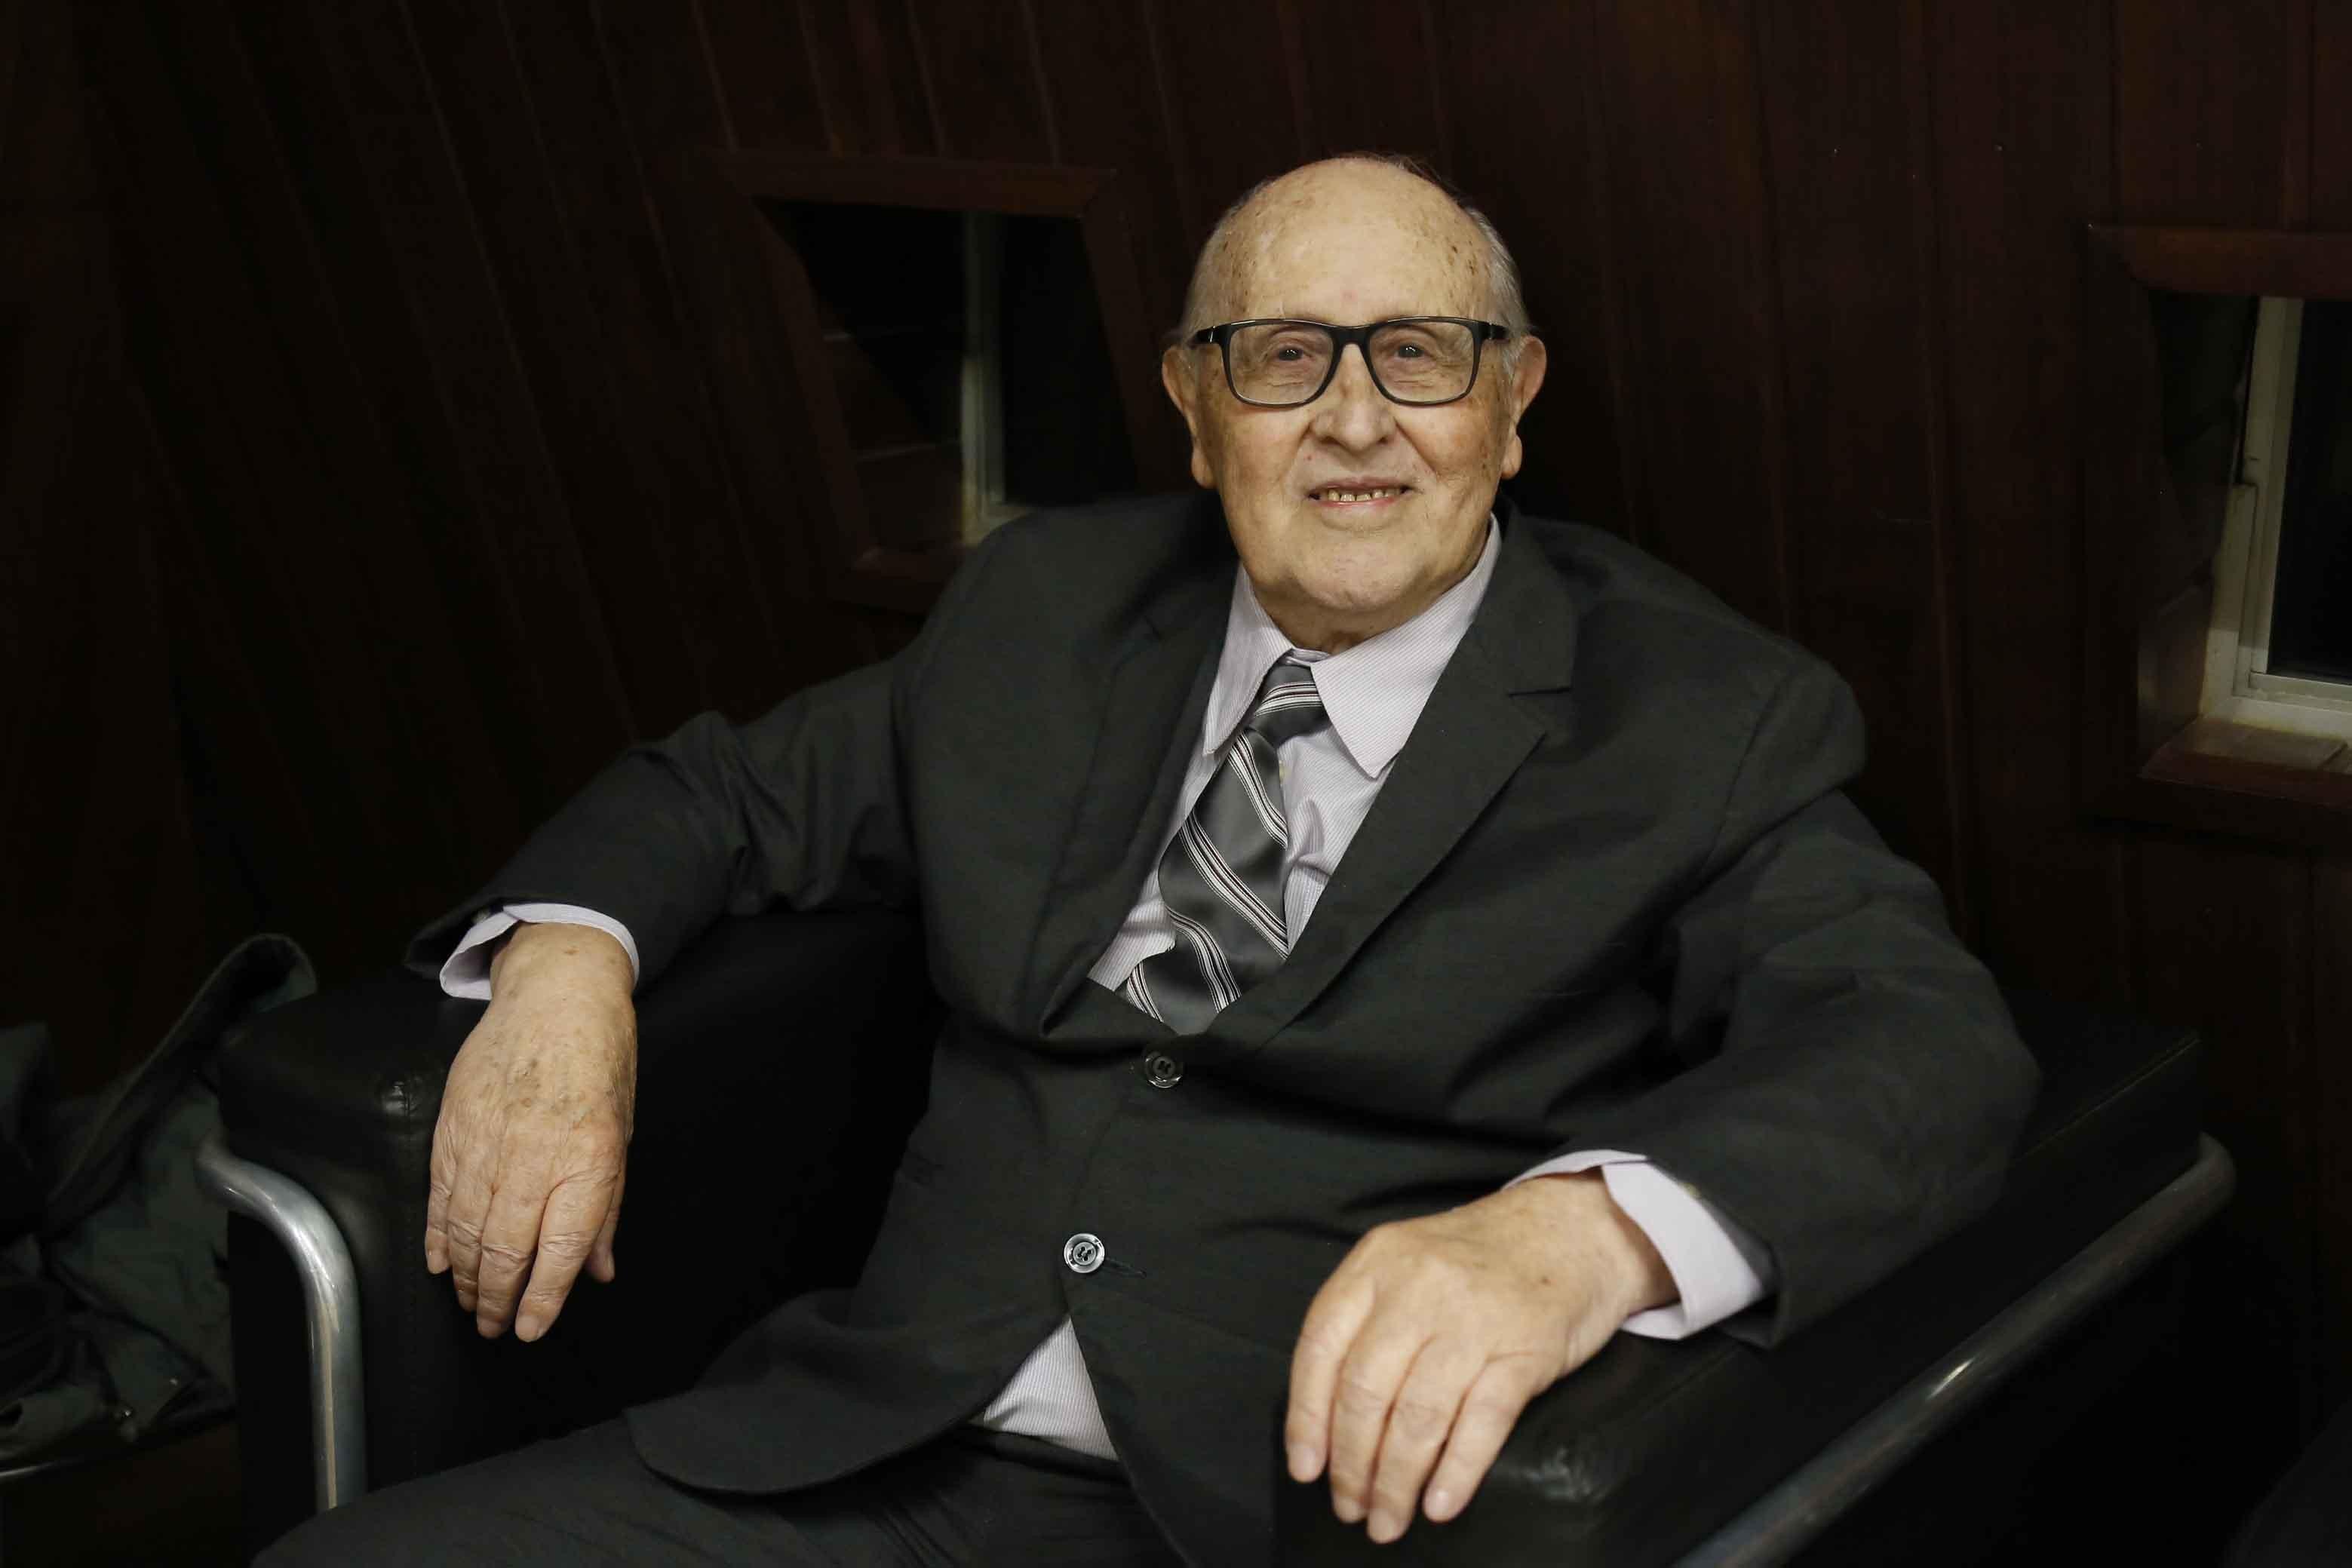 Historiador Jurandyr Ferraz de Campos, de Mogi das Cruzes, morre aos 83 anos - Notícias - Plantão Diário